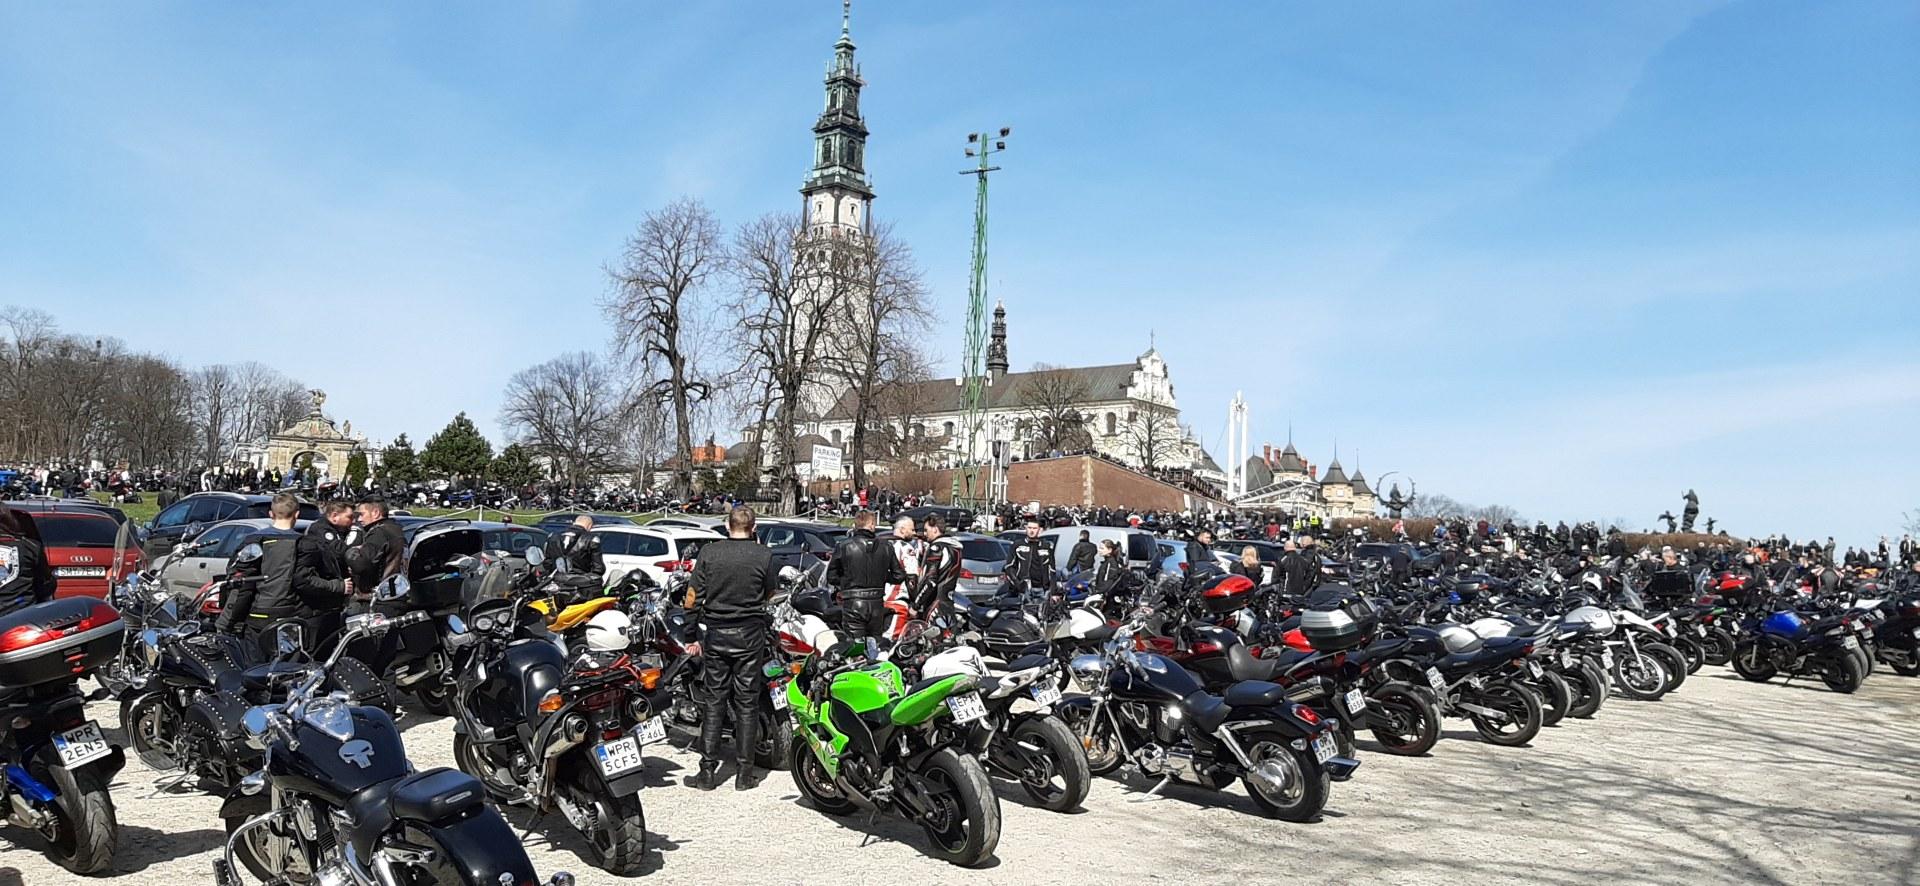 08 Otwarcie Sezonu Motocyklowego Zlot Gwiazdzisty w Czestochowie 2021